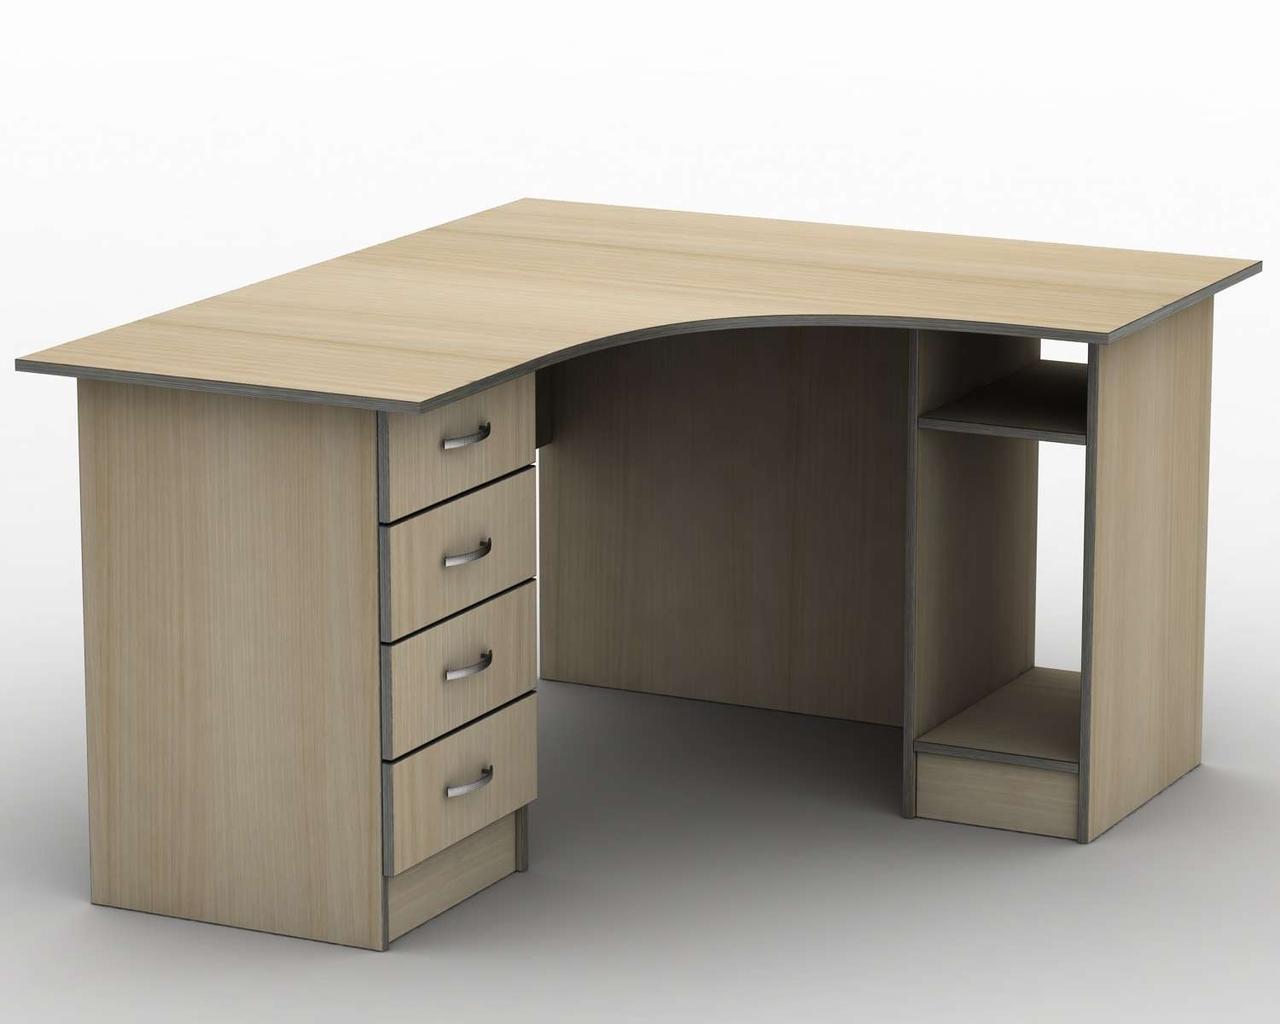 Комп'ютерний стіл Бюджет СПУ-6 (1400*1400) Тіса меблі